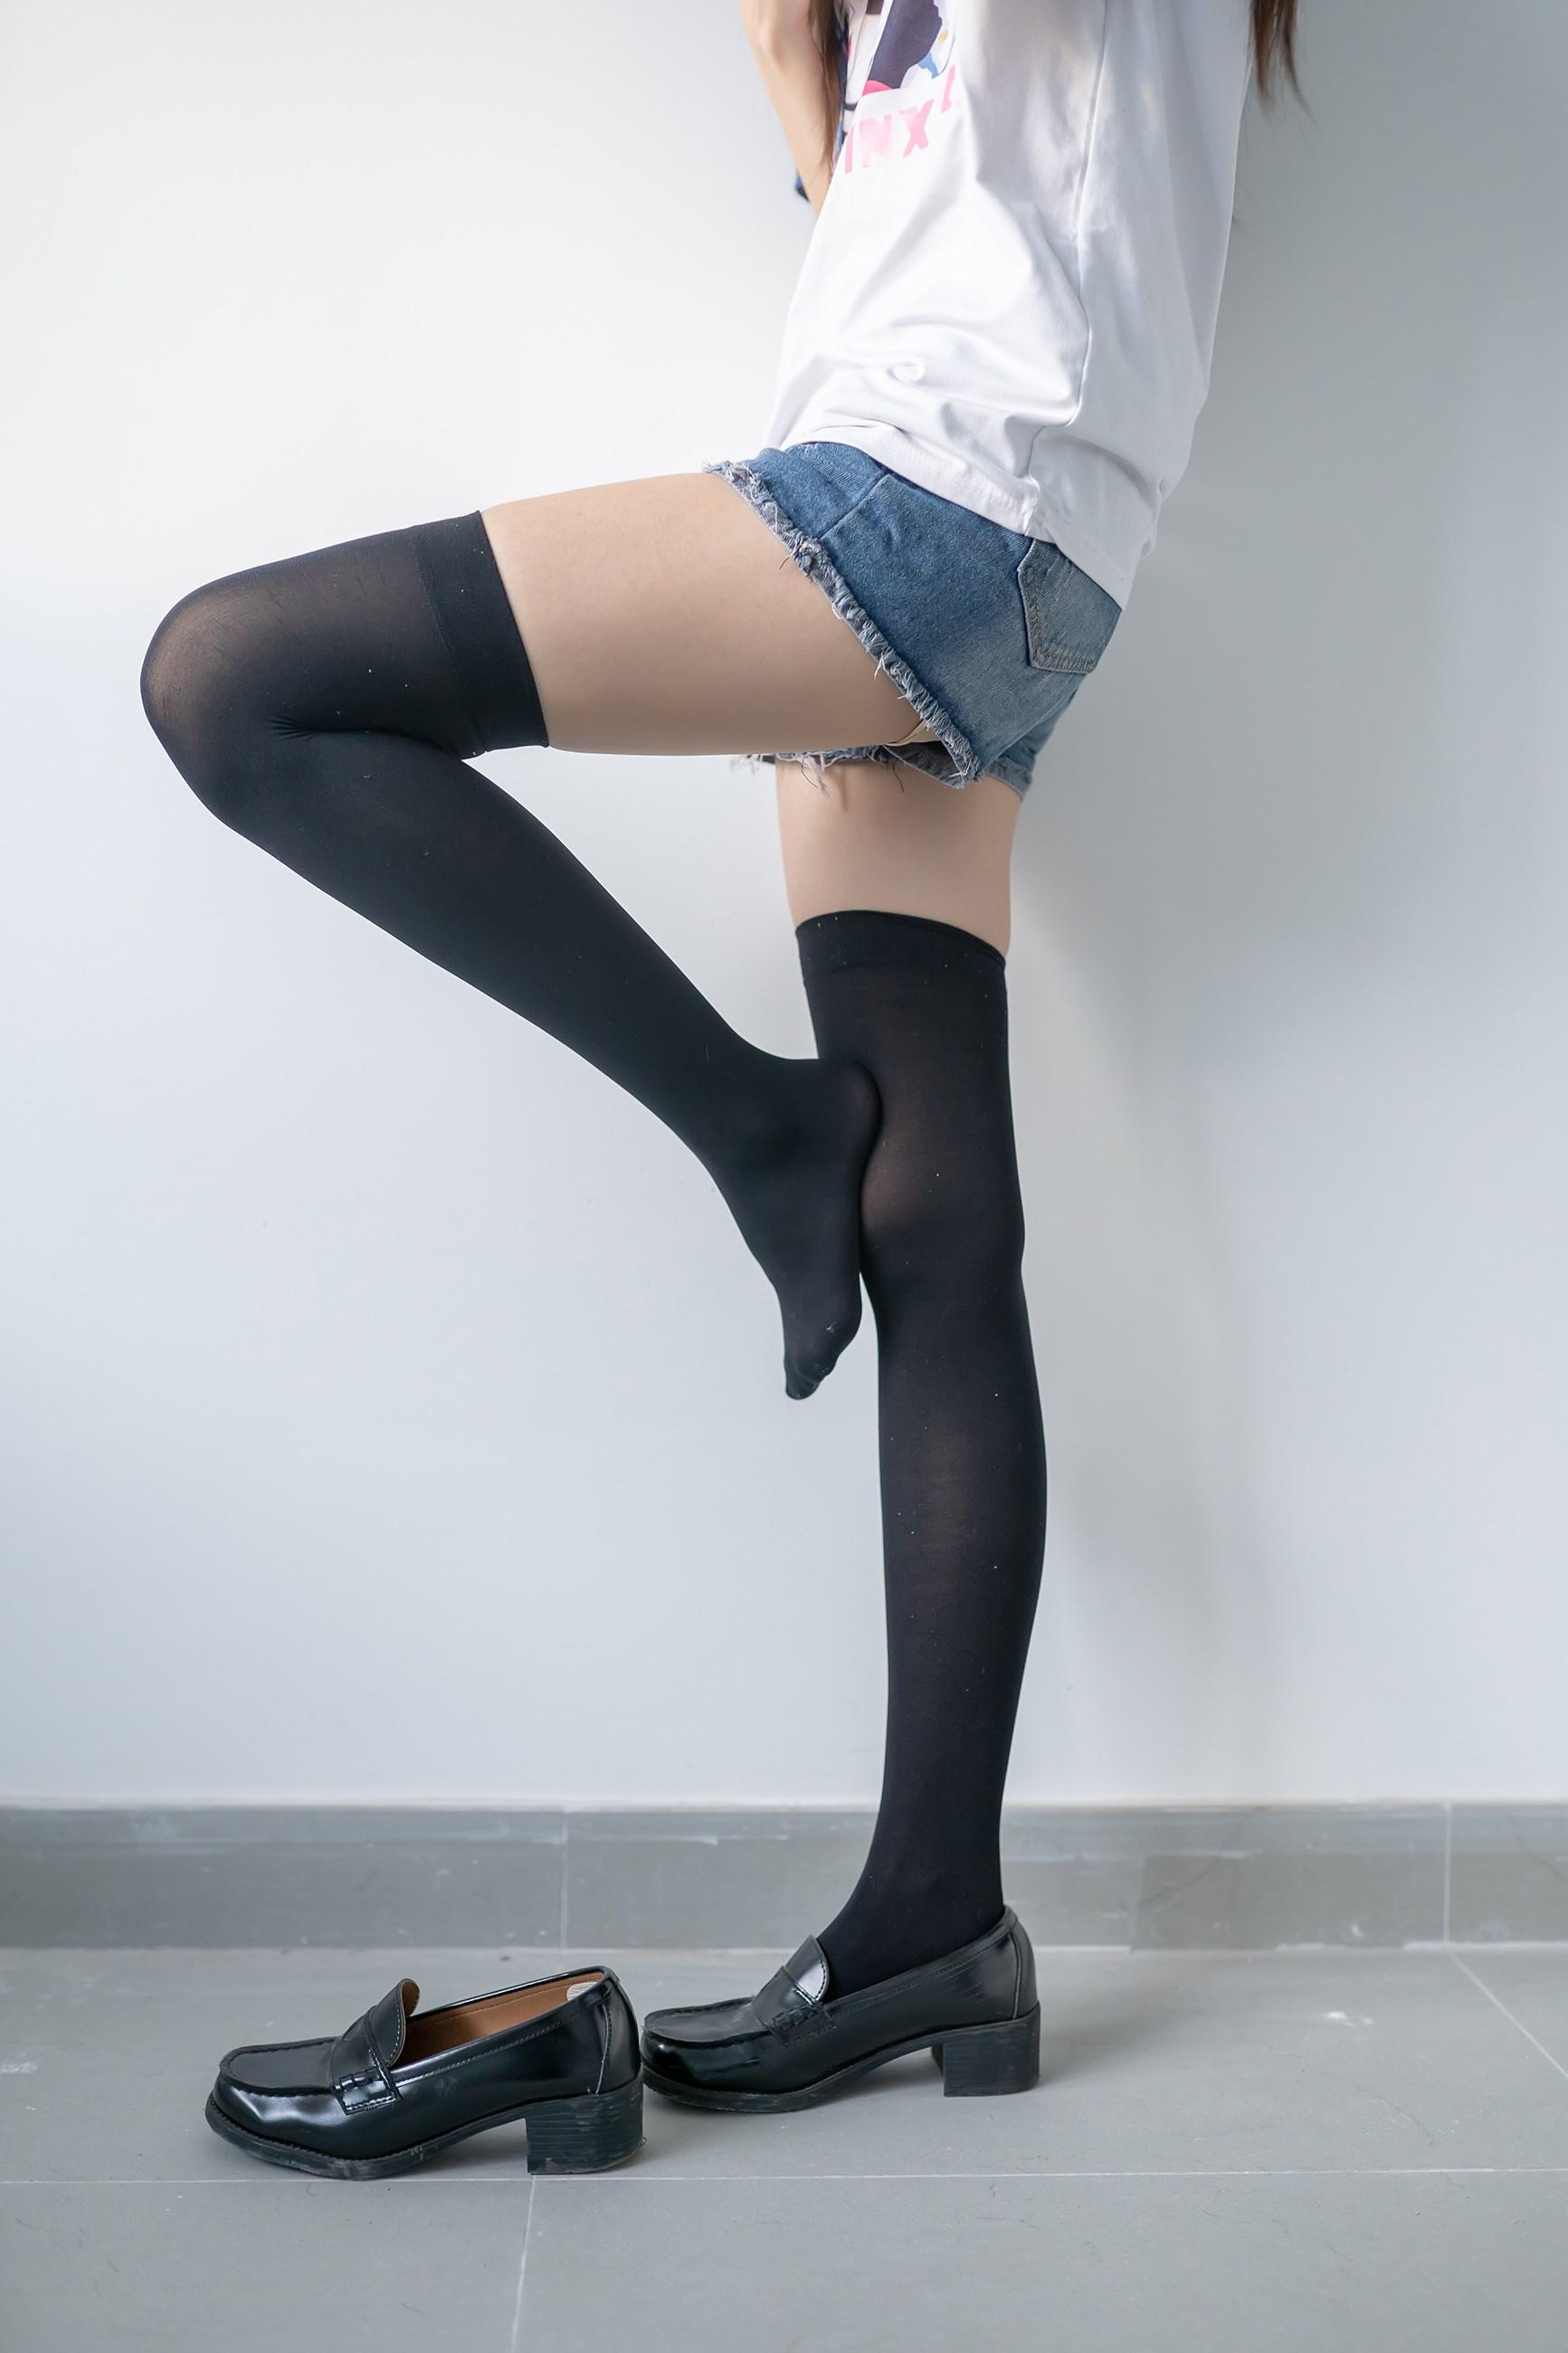 【兔玩映画】黑色半筒袜 兔玩映画 第12张